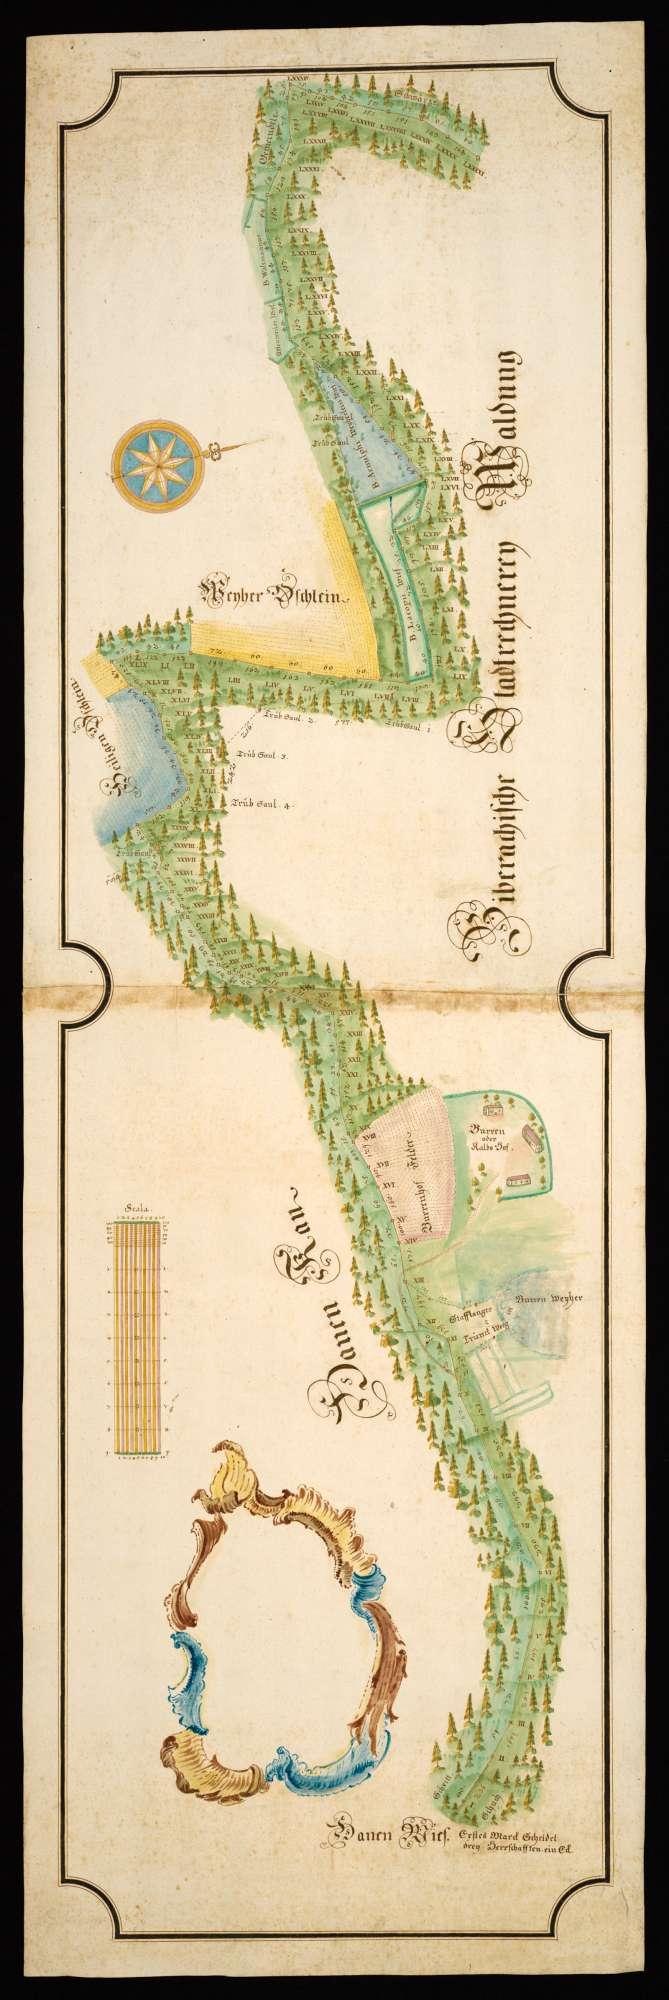 """Stafflangen - Biberach """"Gränz-Mappa von der Hanenwieß bis an die Schwärze"""" (Rückseitentitel) [Karte über die Jurisdiktions- und Gemarkungsgrenze im Stafflanger Bezirk beim Burrenhof?], Bild 2"""